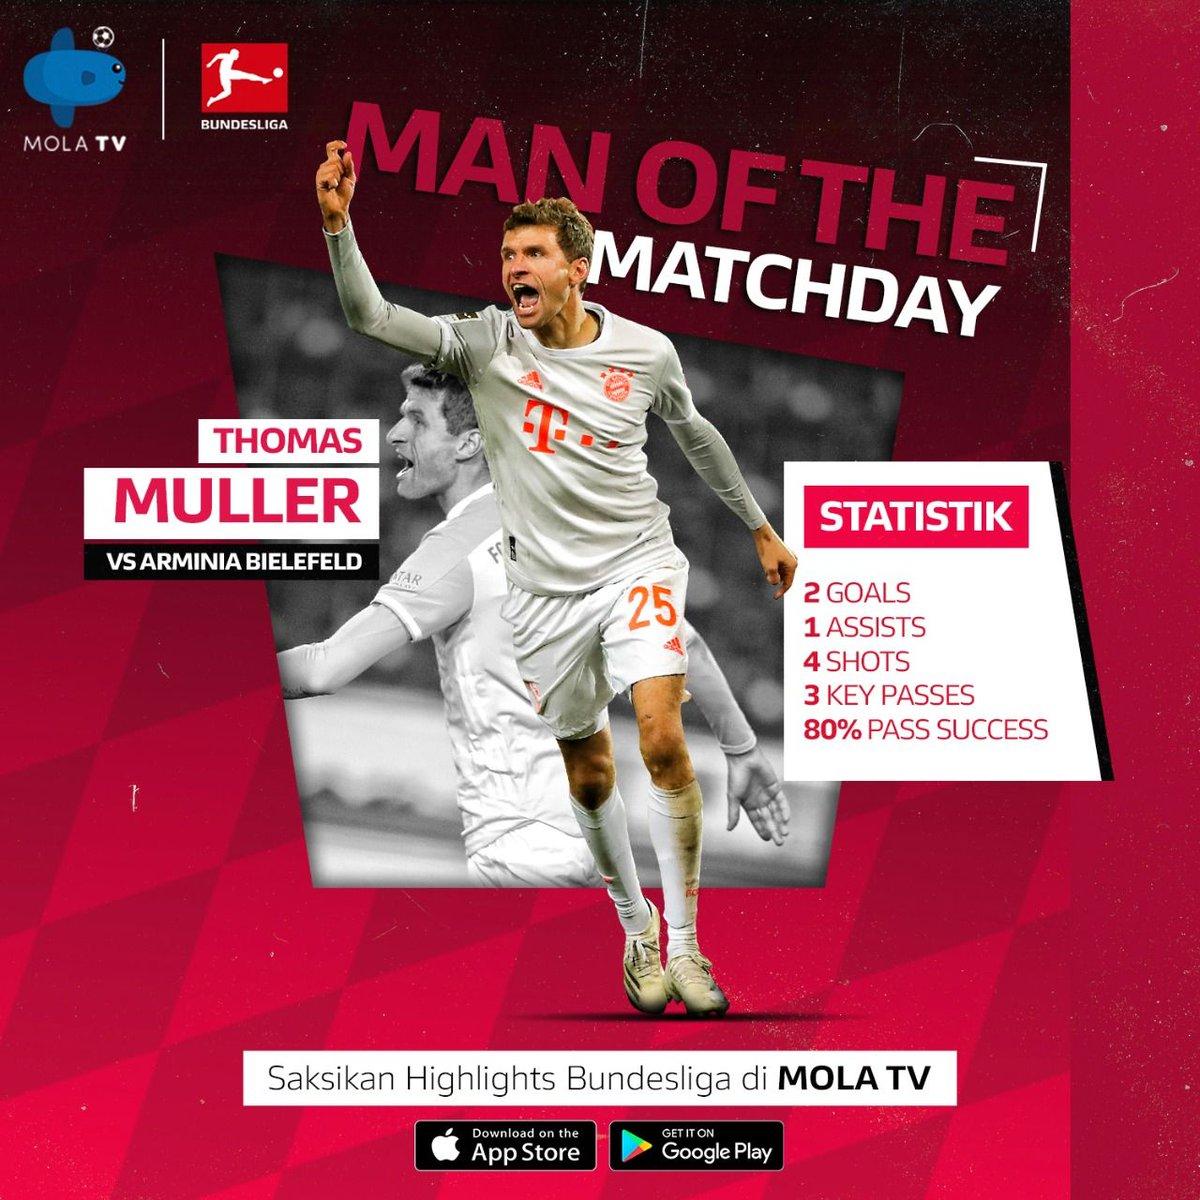 Kontribusi besar Thomas Mueller saat Bayern menumbangkan Arminia Bielefeld, menjadikan pemain satu ini mendapat predikat Man of the Matchday 4 Bundesliga 2020/21.  Saksikan ulang aksinya di laga Arminia vs Bayern, hanya di Mola TV!  https://t.co/4xiF5RlSJJ  #BundesligadiMolaTV https://t.co/gl0jc1icol